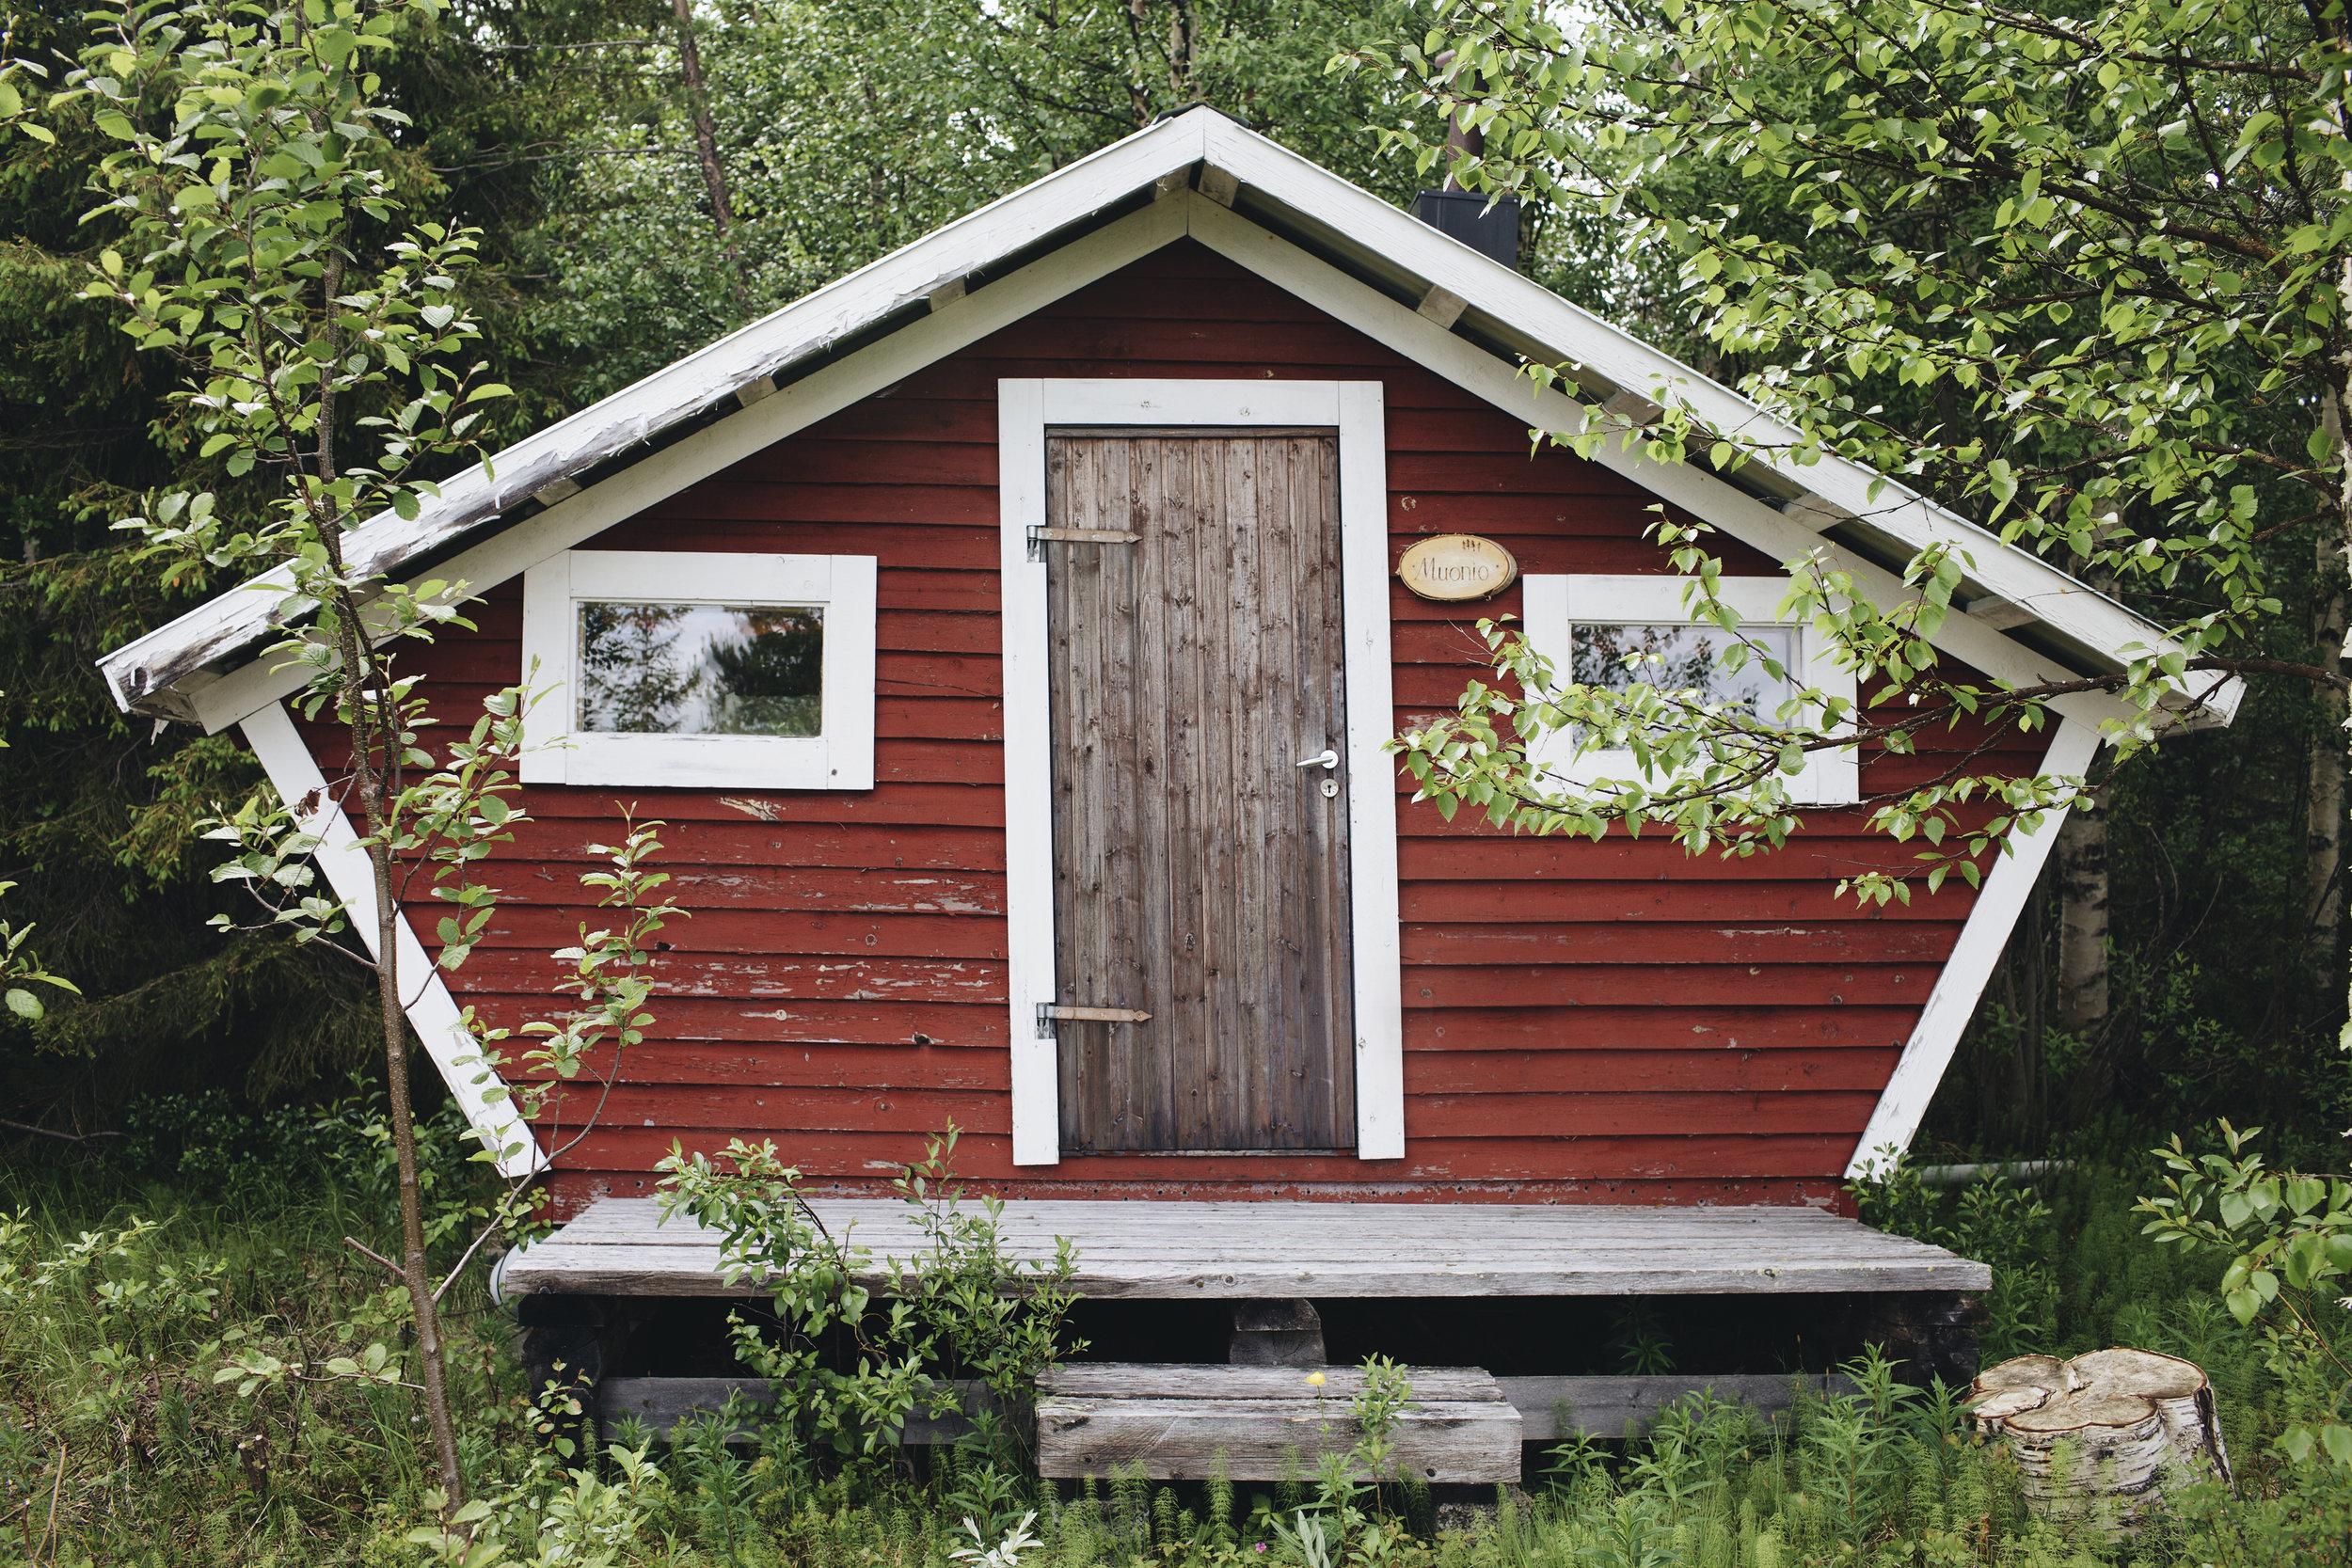 Hütte im Wald.jpg